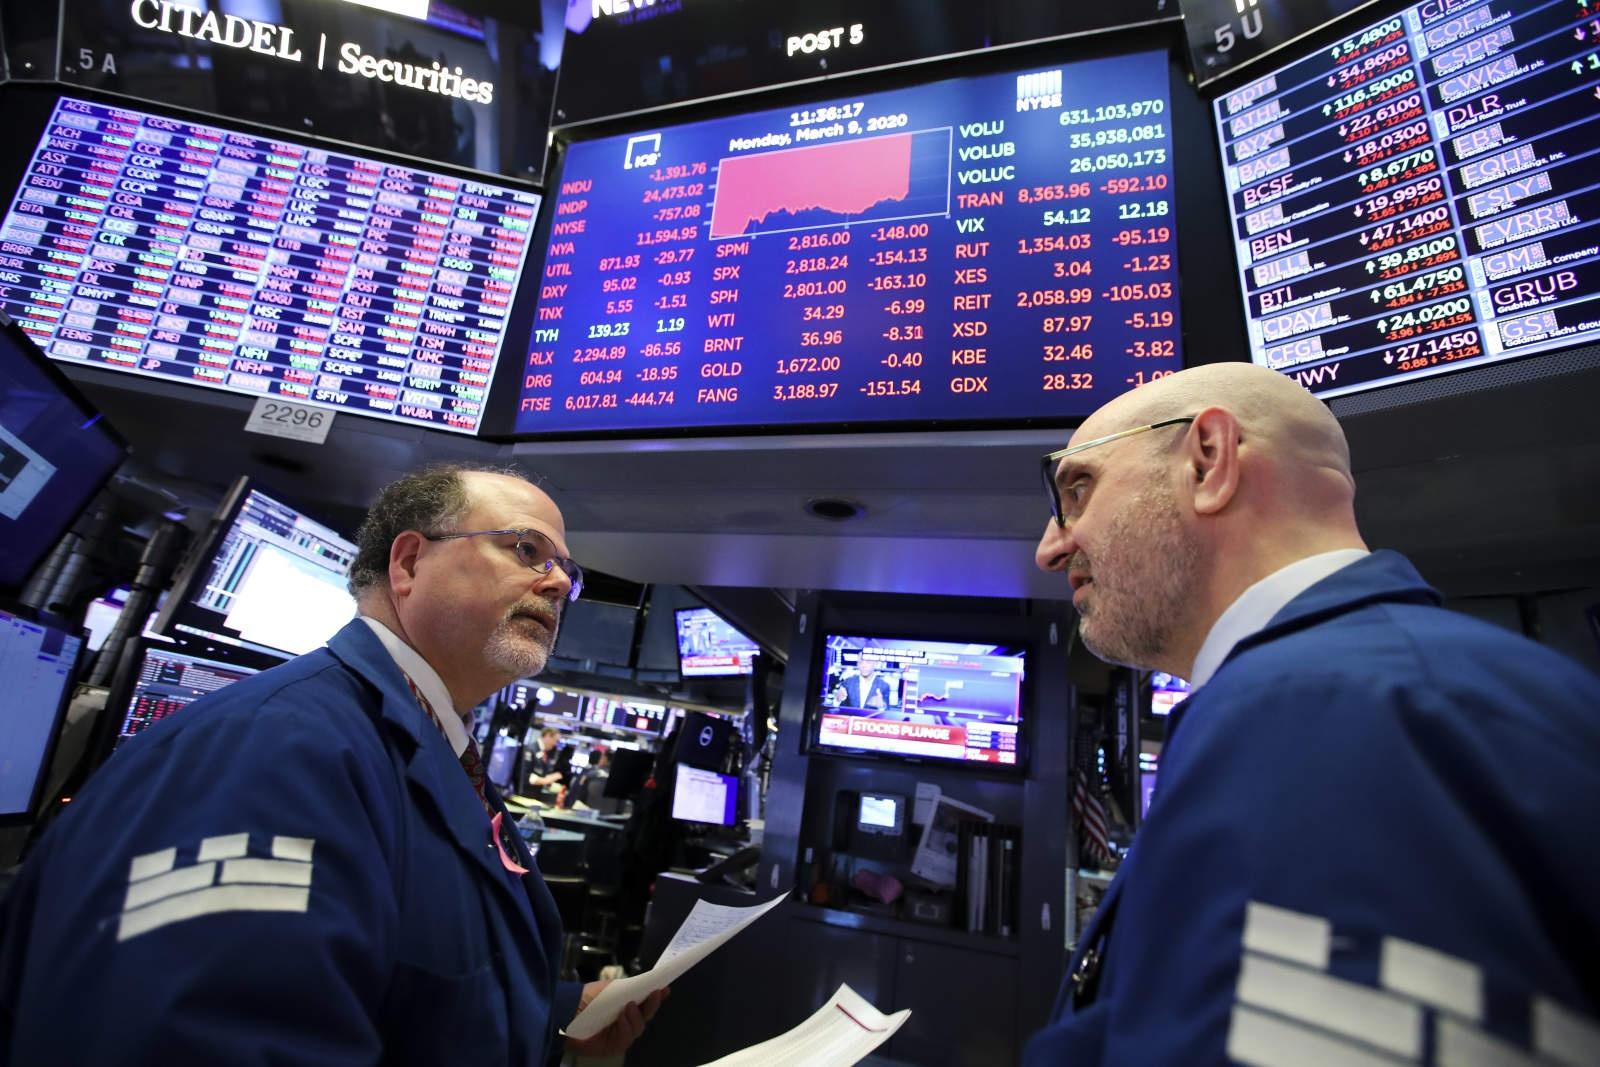 3月9日,营业员在美国纽约证券营业所做事。(新华社记者王迎摄)